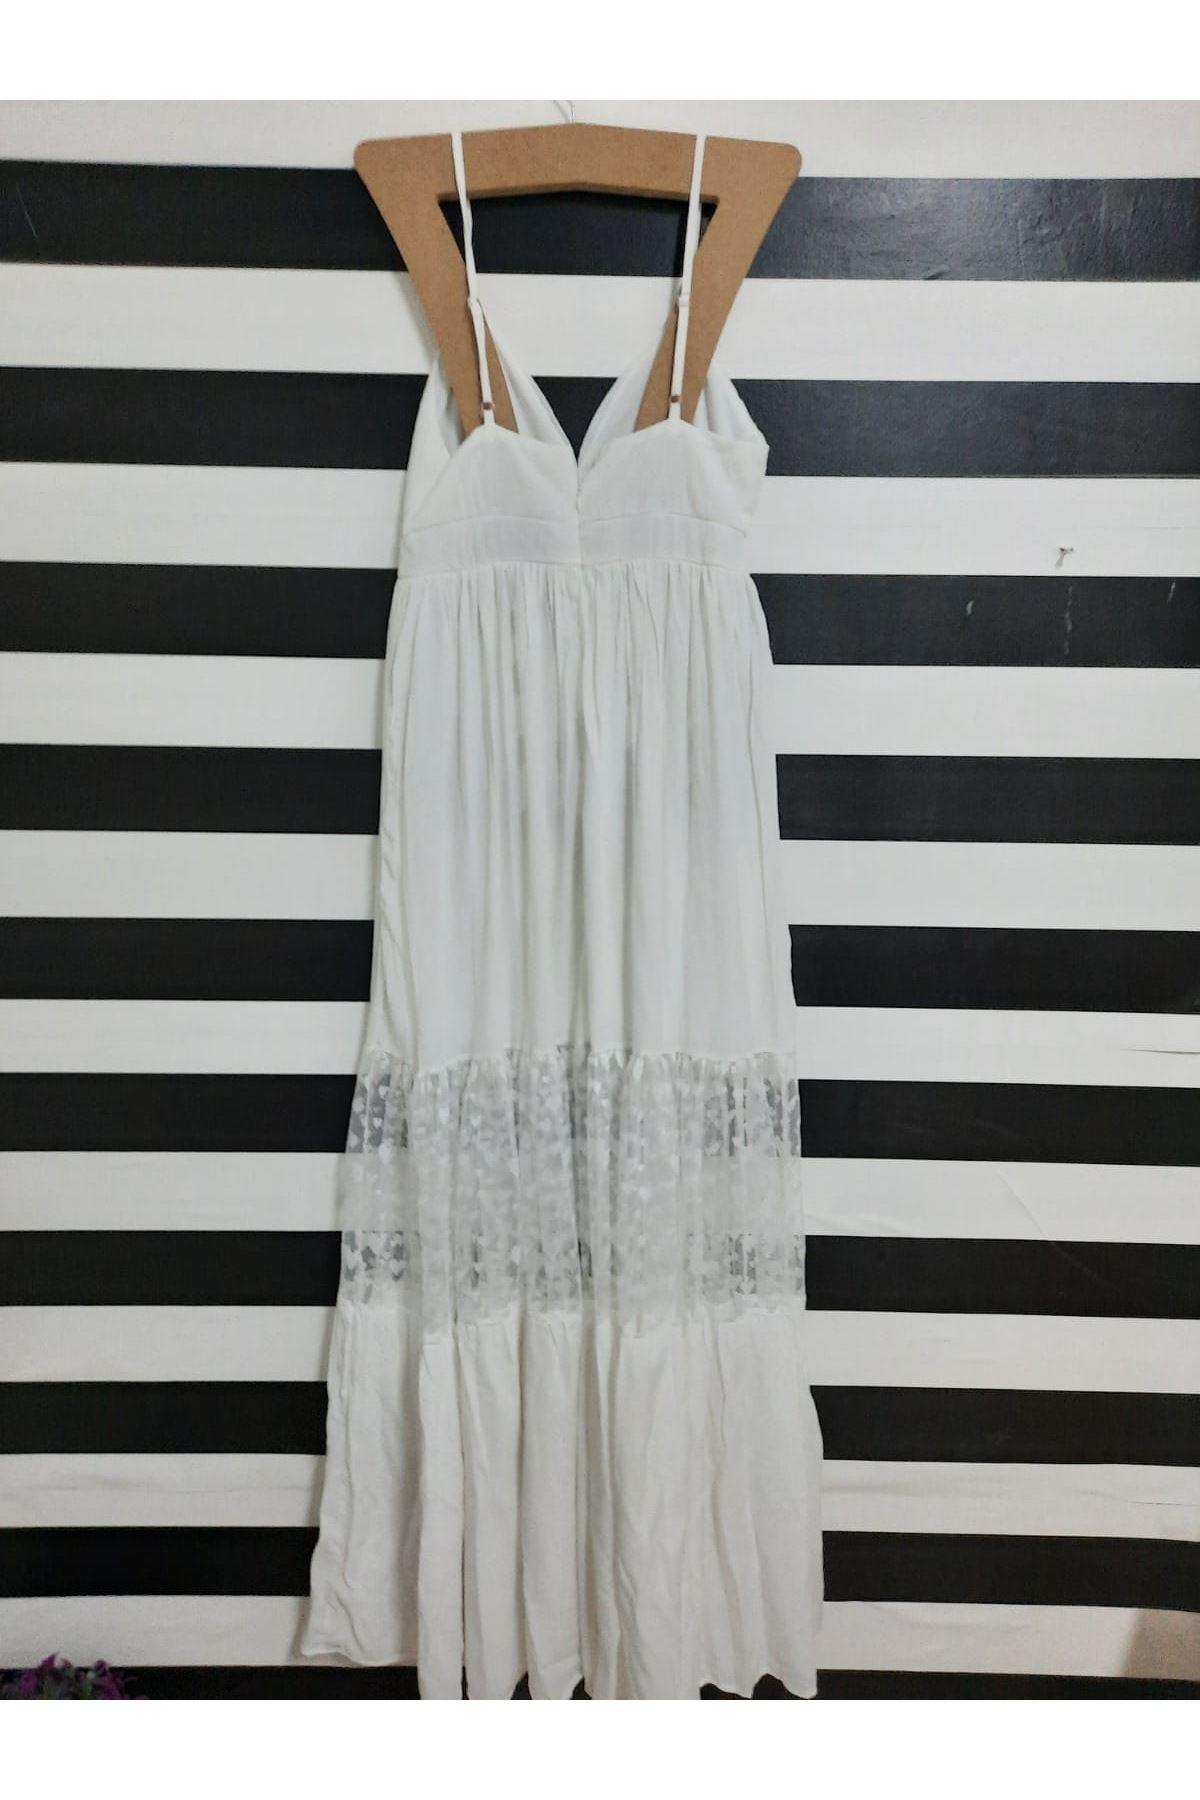 Dantel Detaylı Askılı Elbise - BEYAZ